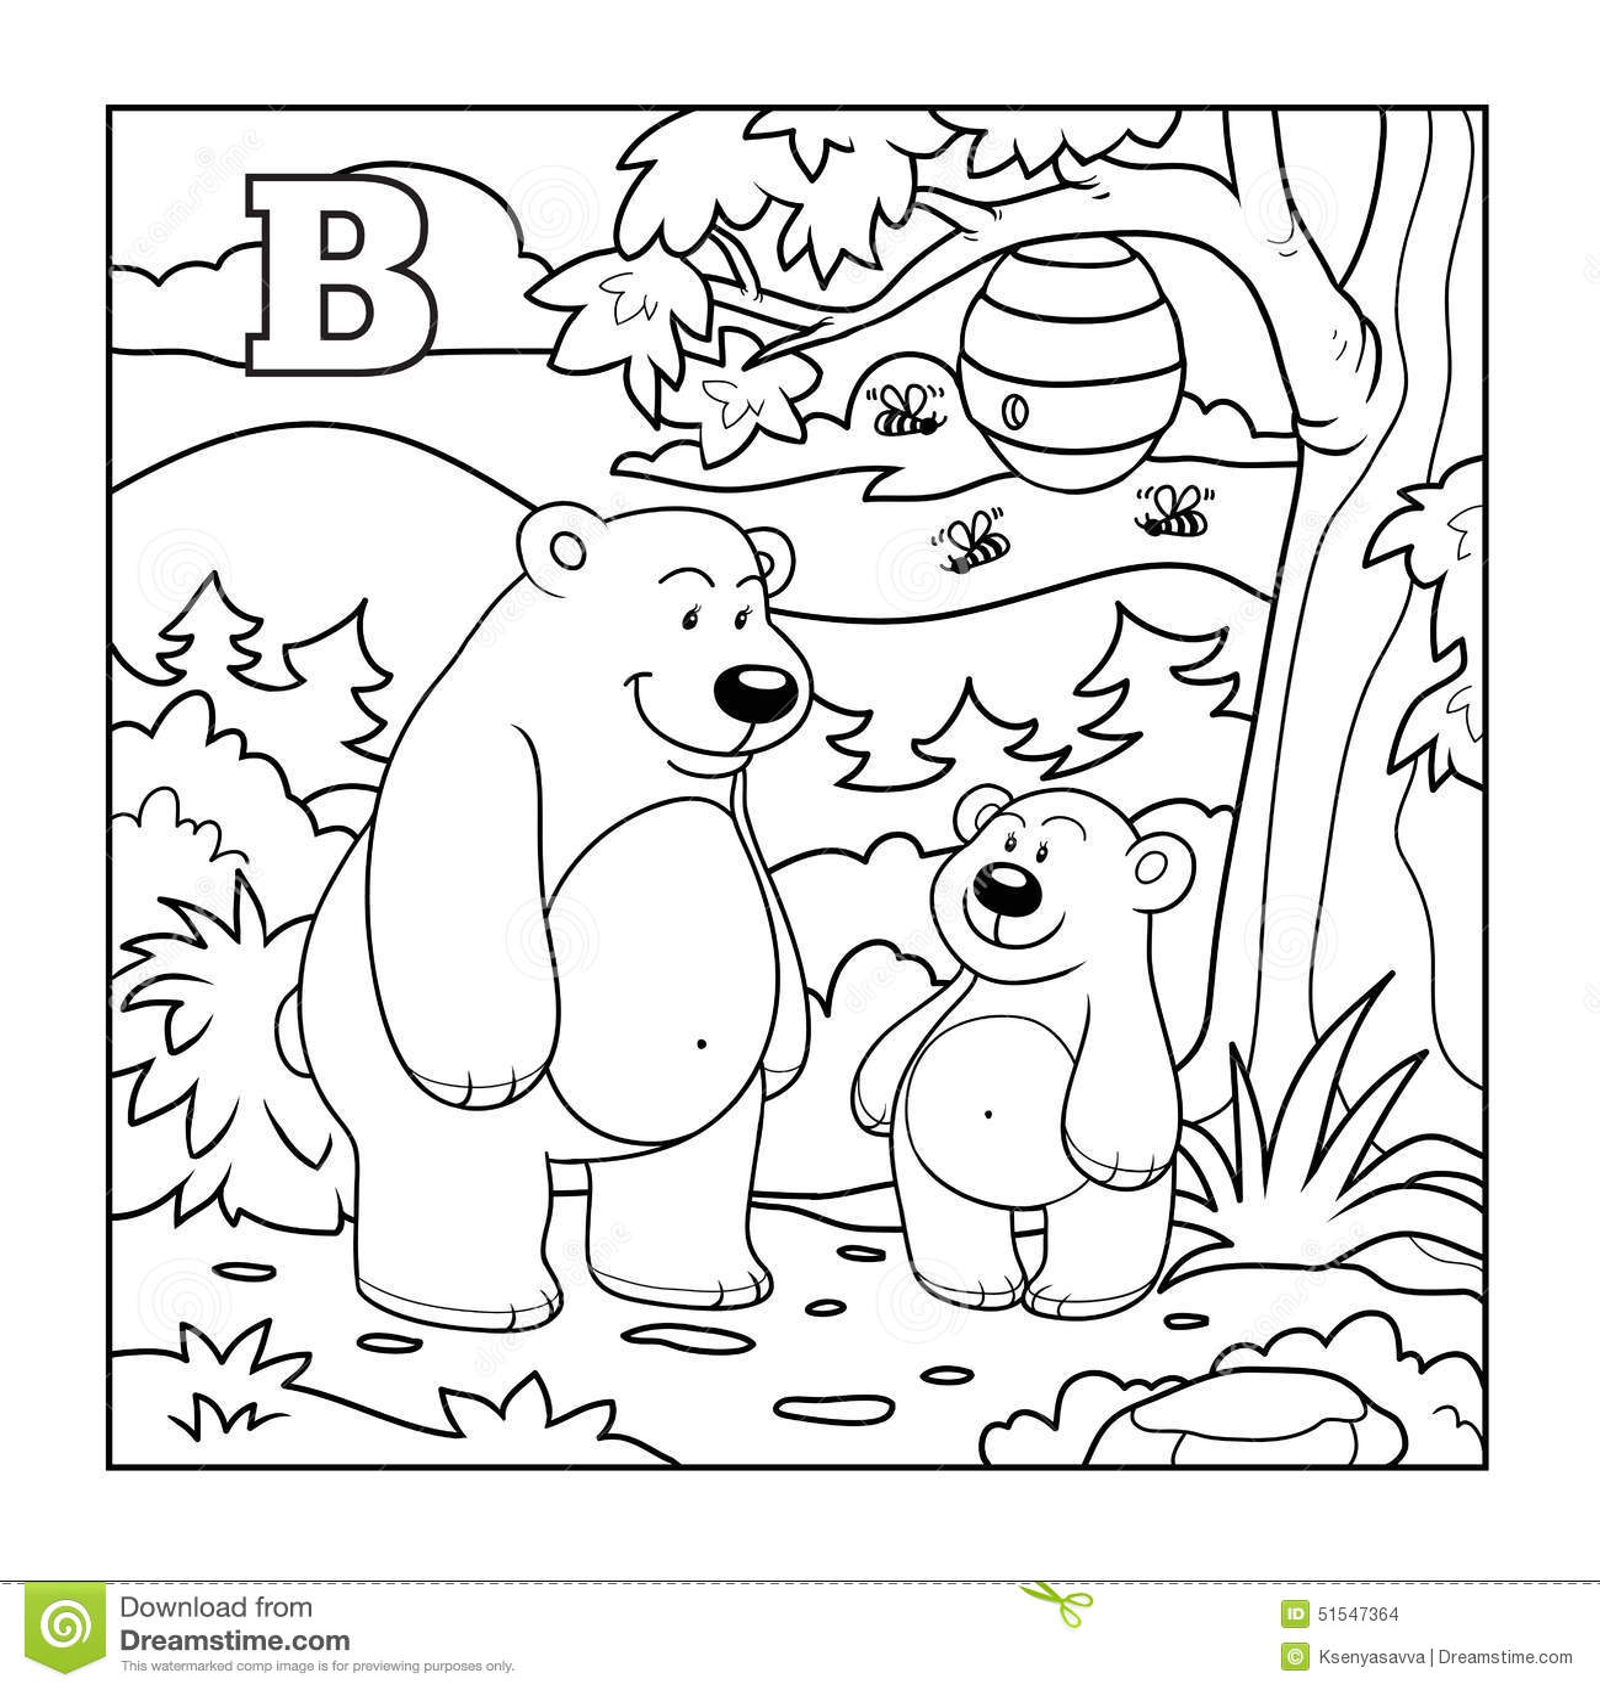 Libro De Colorear Osos En El Bosque Letra Descolorida B